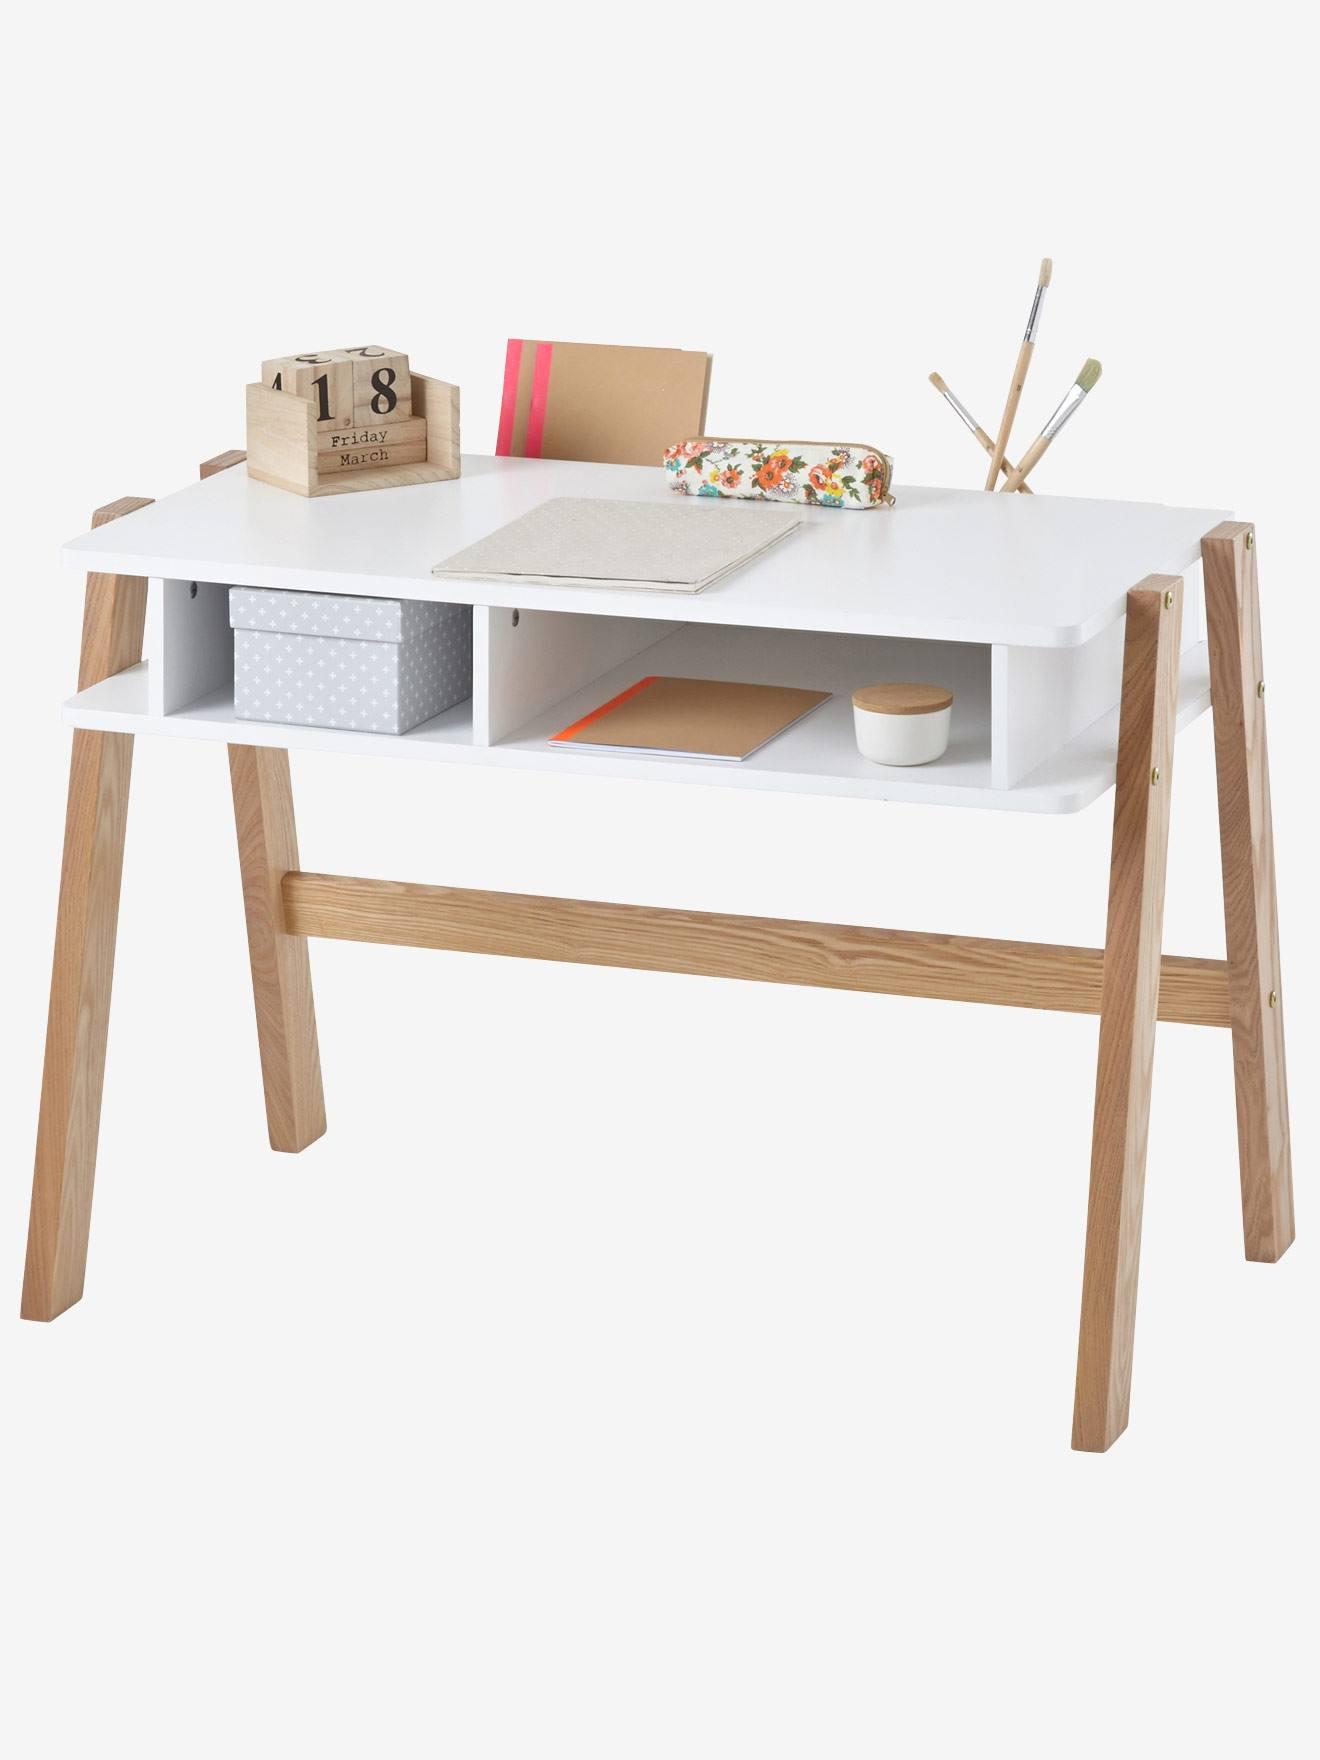 Schreibtisch architekt mini wei natur von vertbaudet for Mini schreibtisch